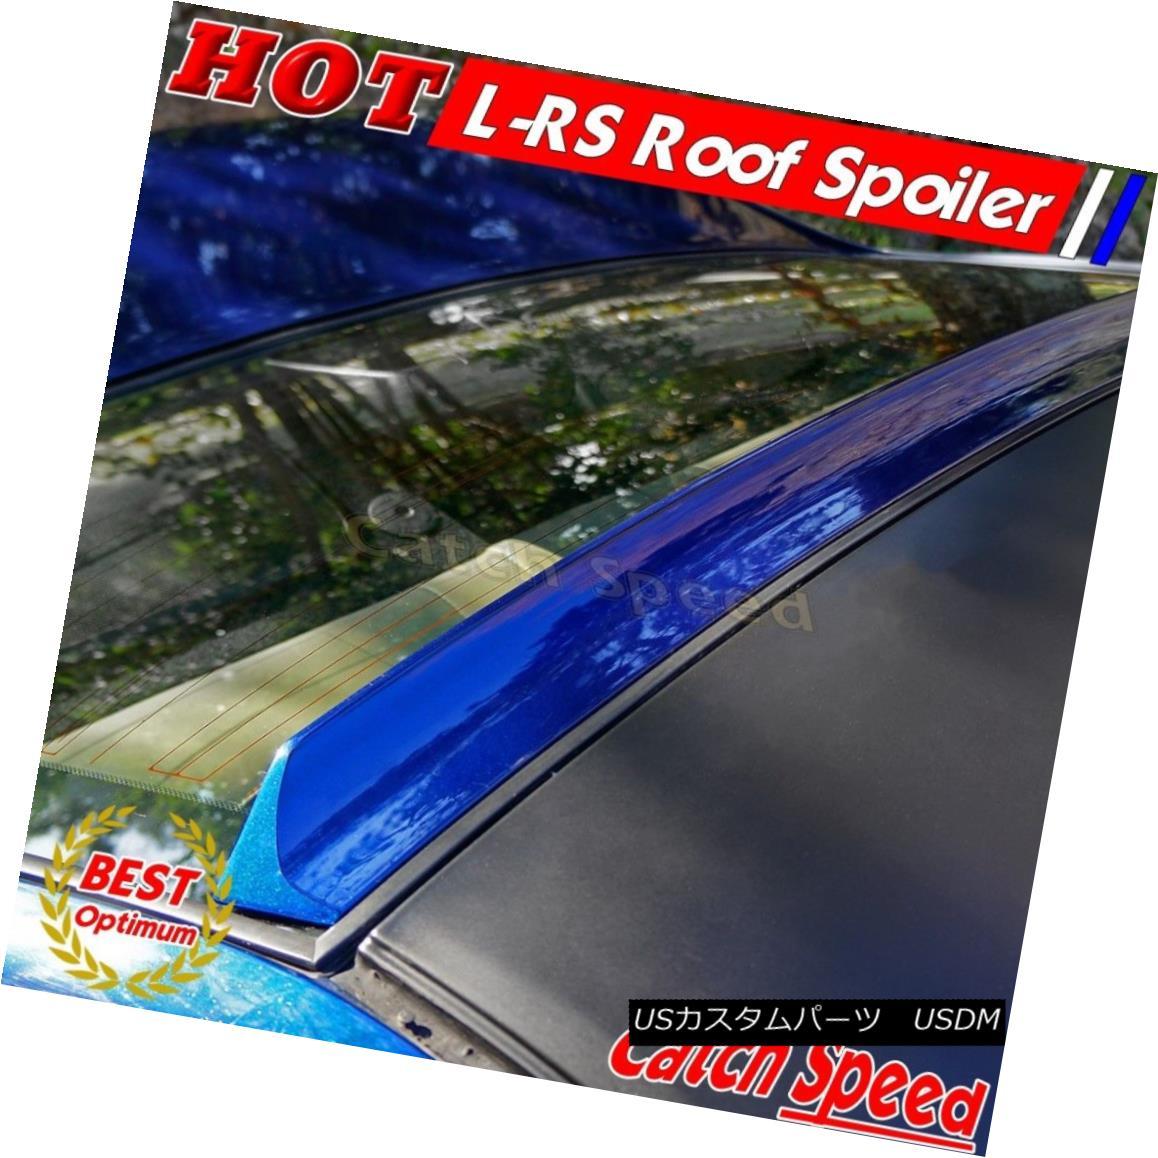 エアロパーツ Painted LRS Type Rear Roof Spoiler Wing For SAAB 9-3 Turbo X 2011-2012 Sedan ? ペイントされたLRSタイプリアルーフスポイラーウイングSAAB 9-3ターボX 2011-2012セダン?